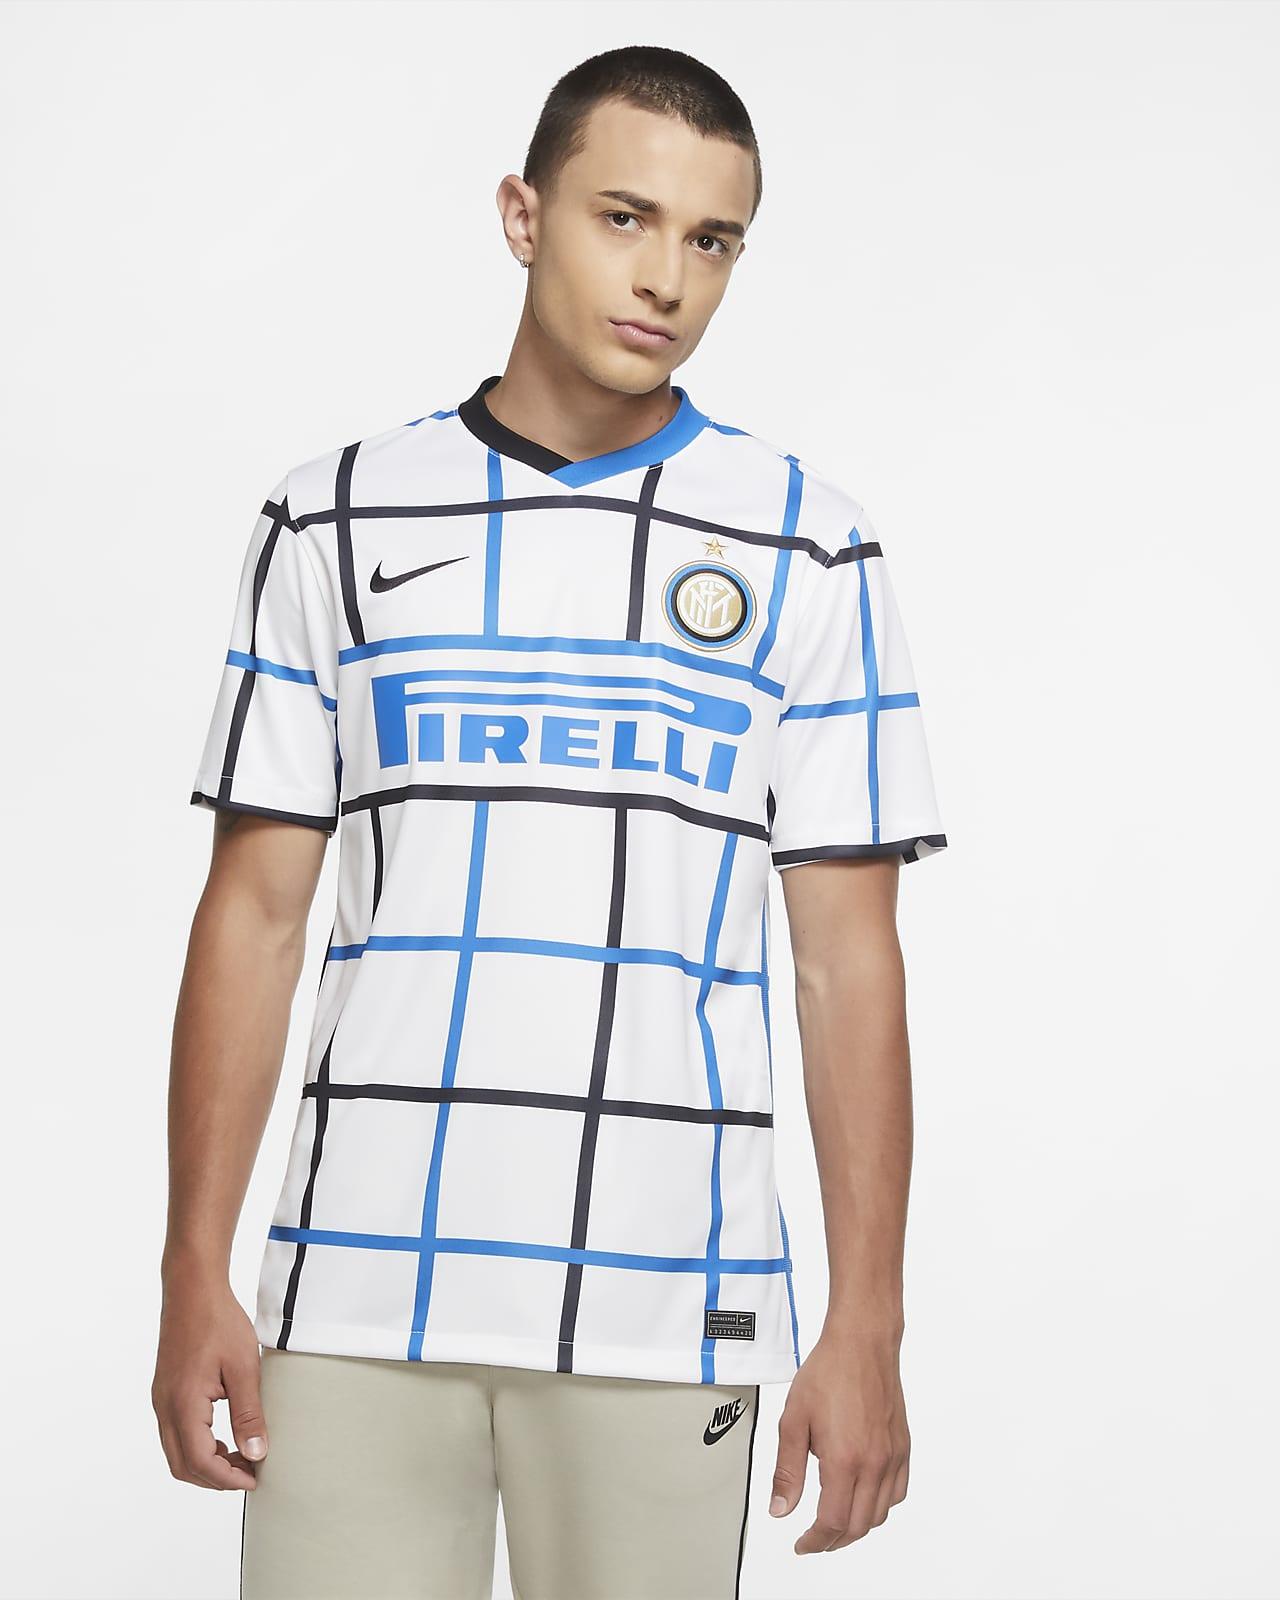 2020/21 赛季国际米兰客场球迷版男子足球球衣